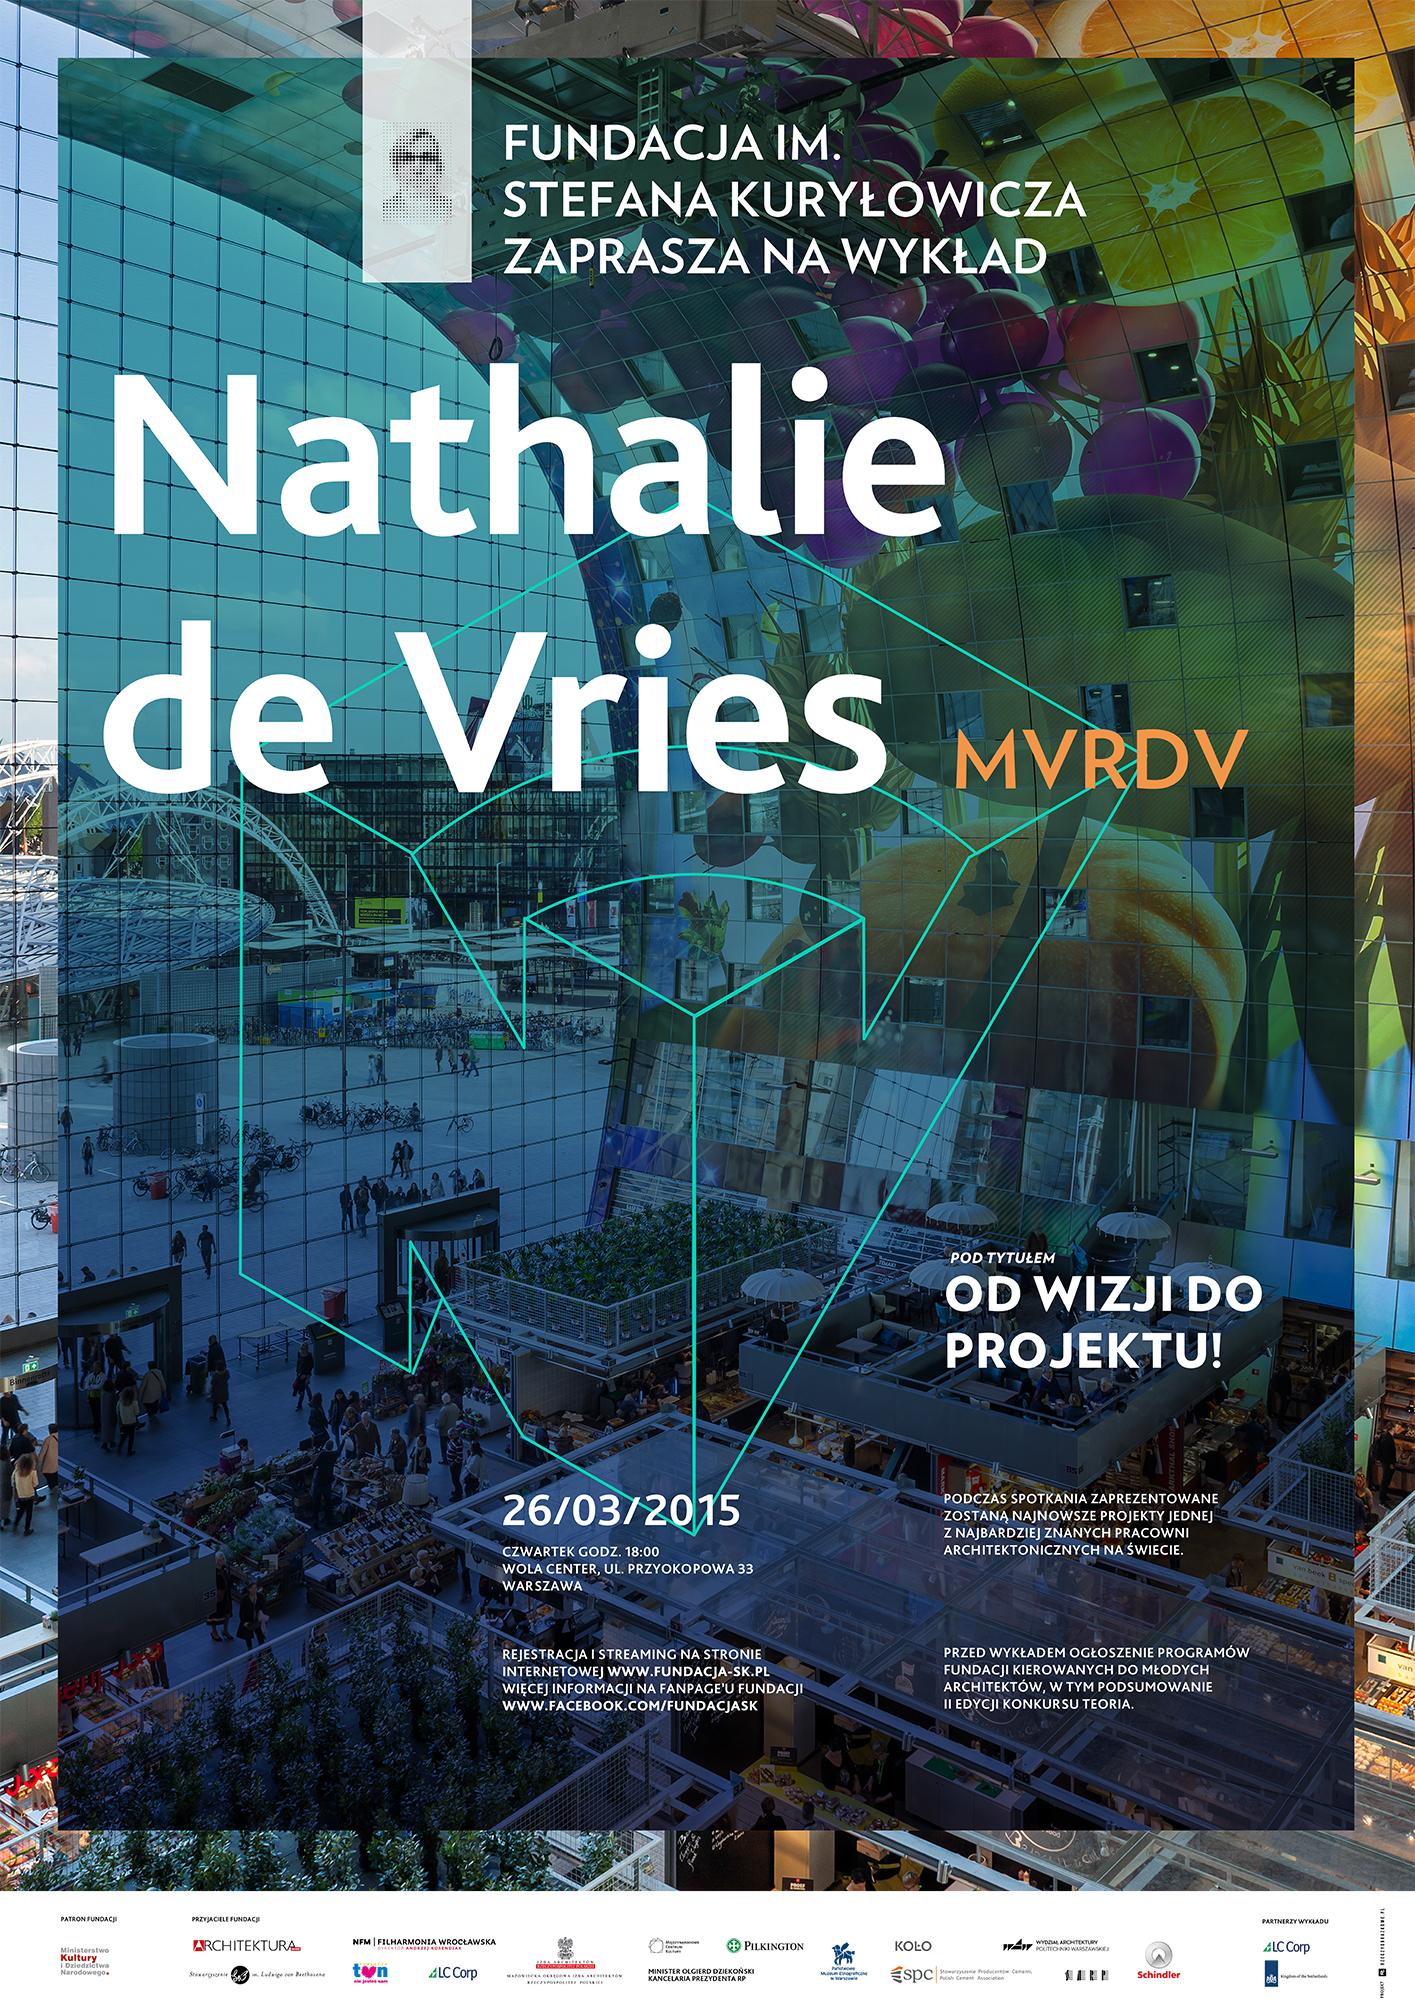 Nathalie_de_Vries-MVRDV_plakat